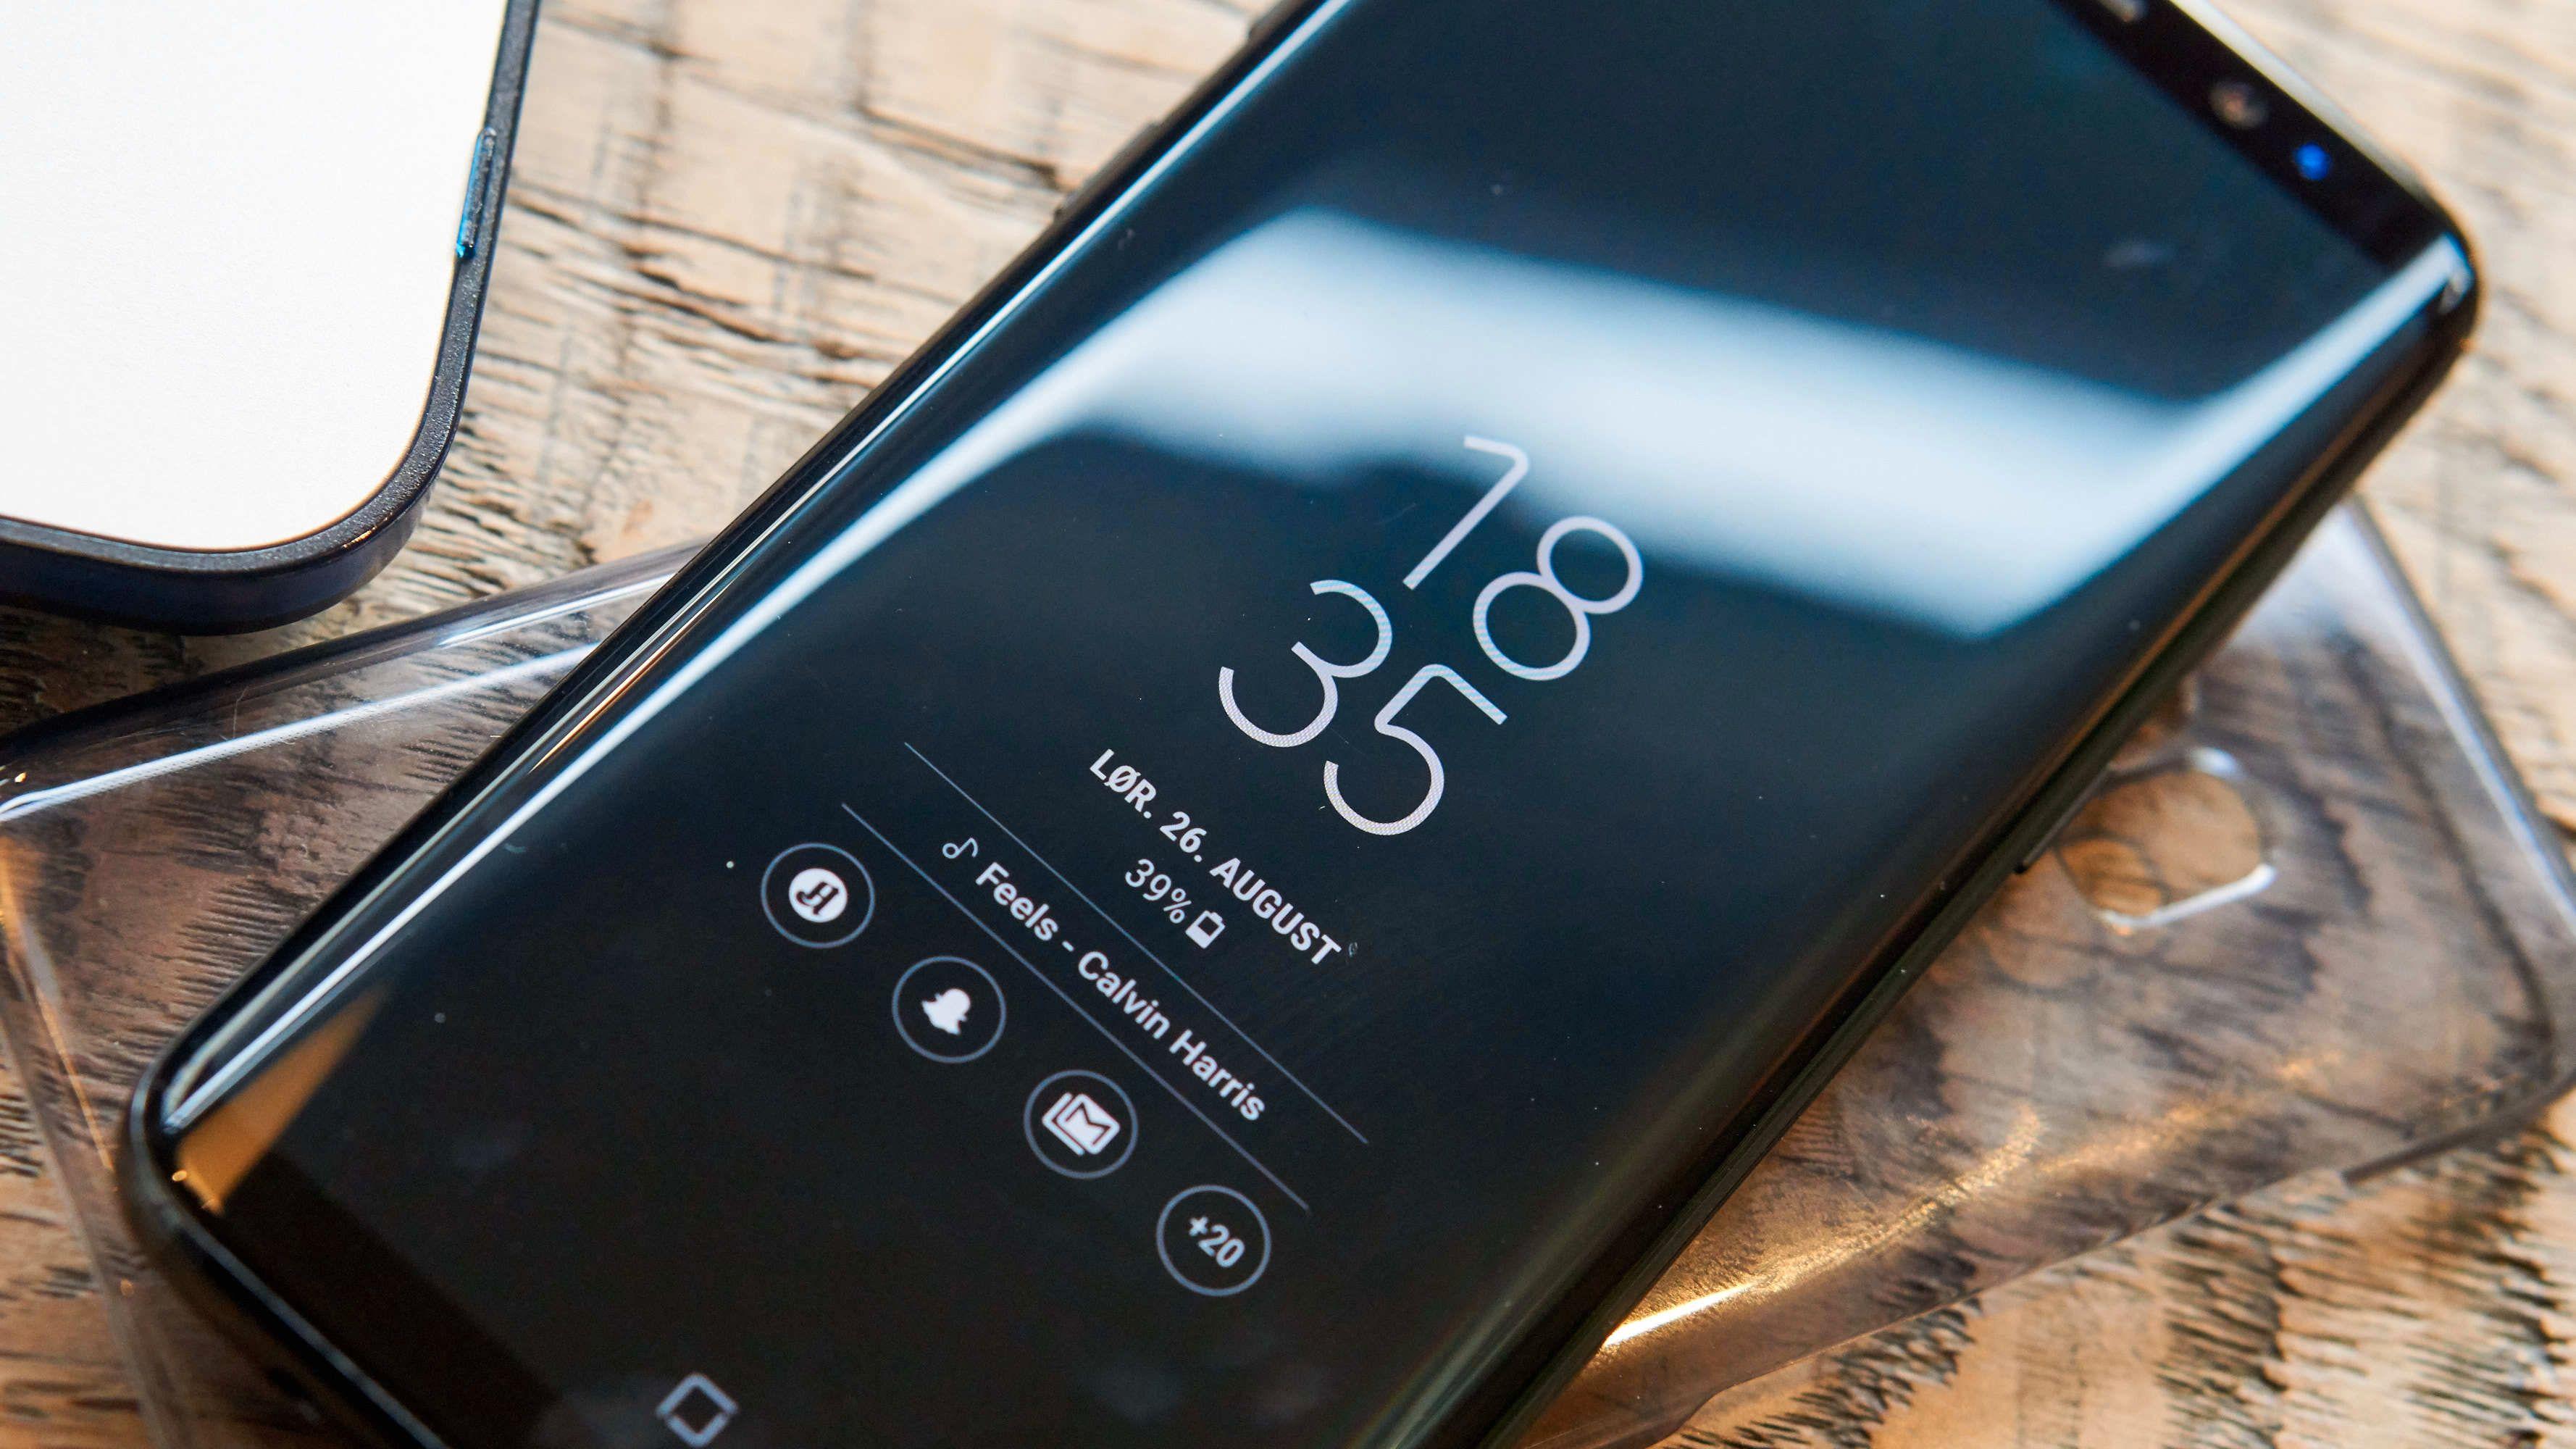 Slik ser standard låst skjerm ut på S8.